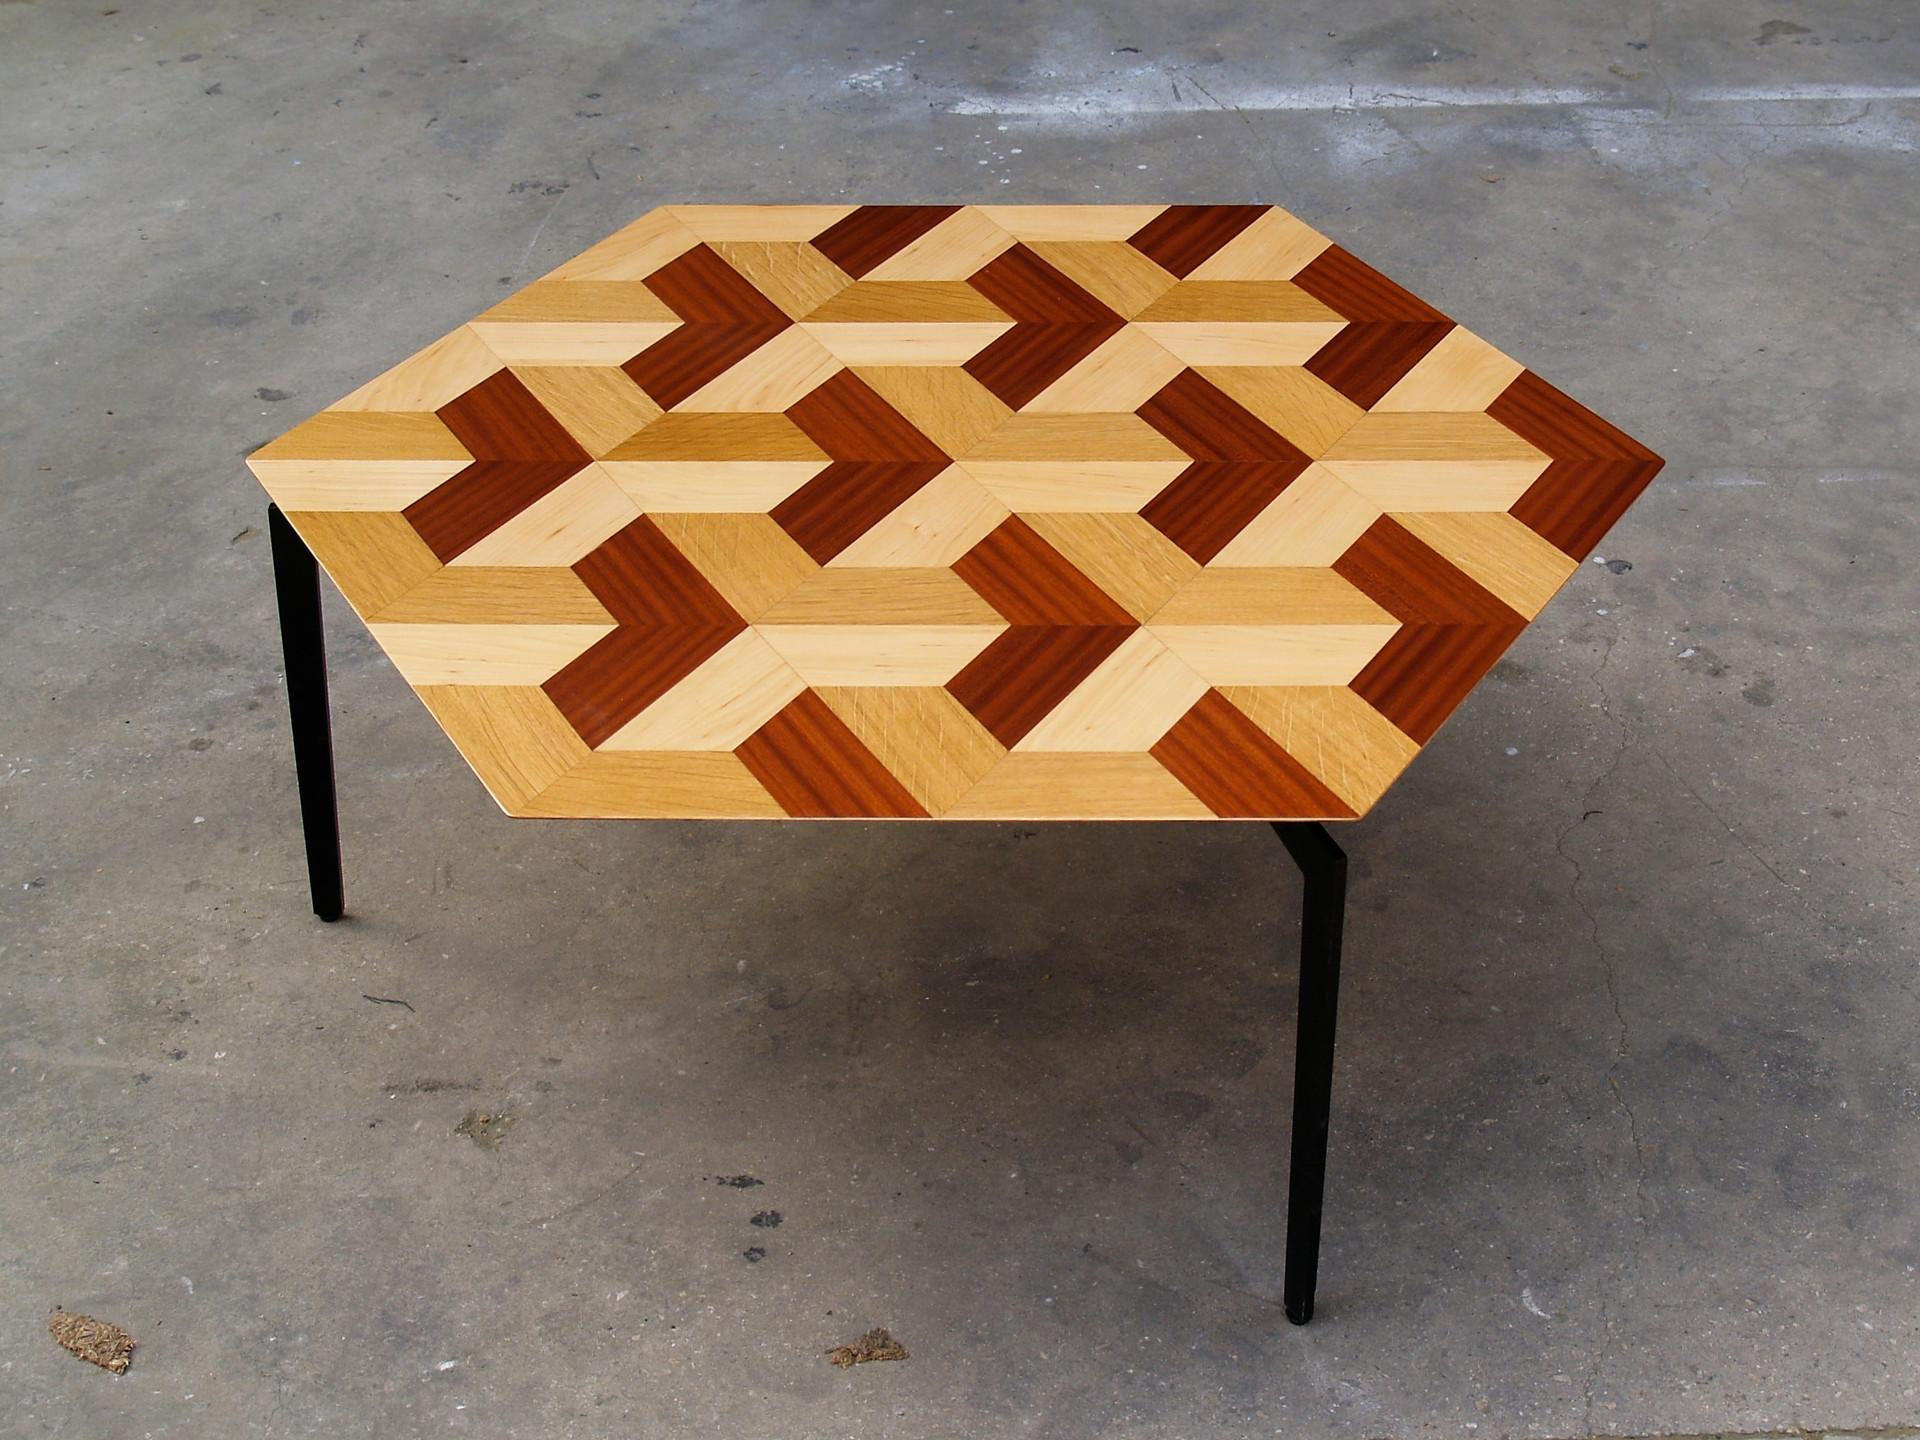 שולחן קפה - פיצוחים.jpg